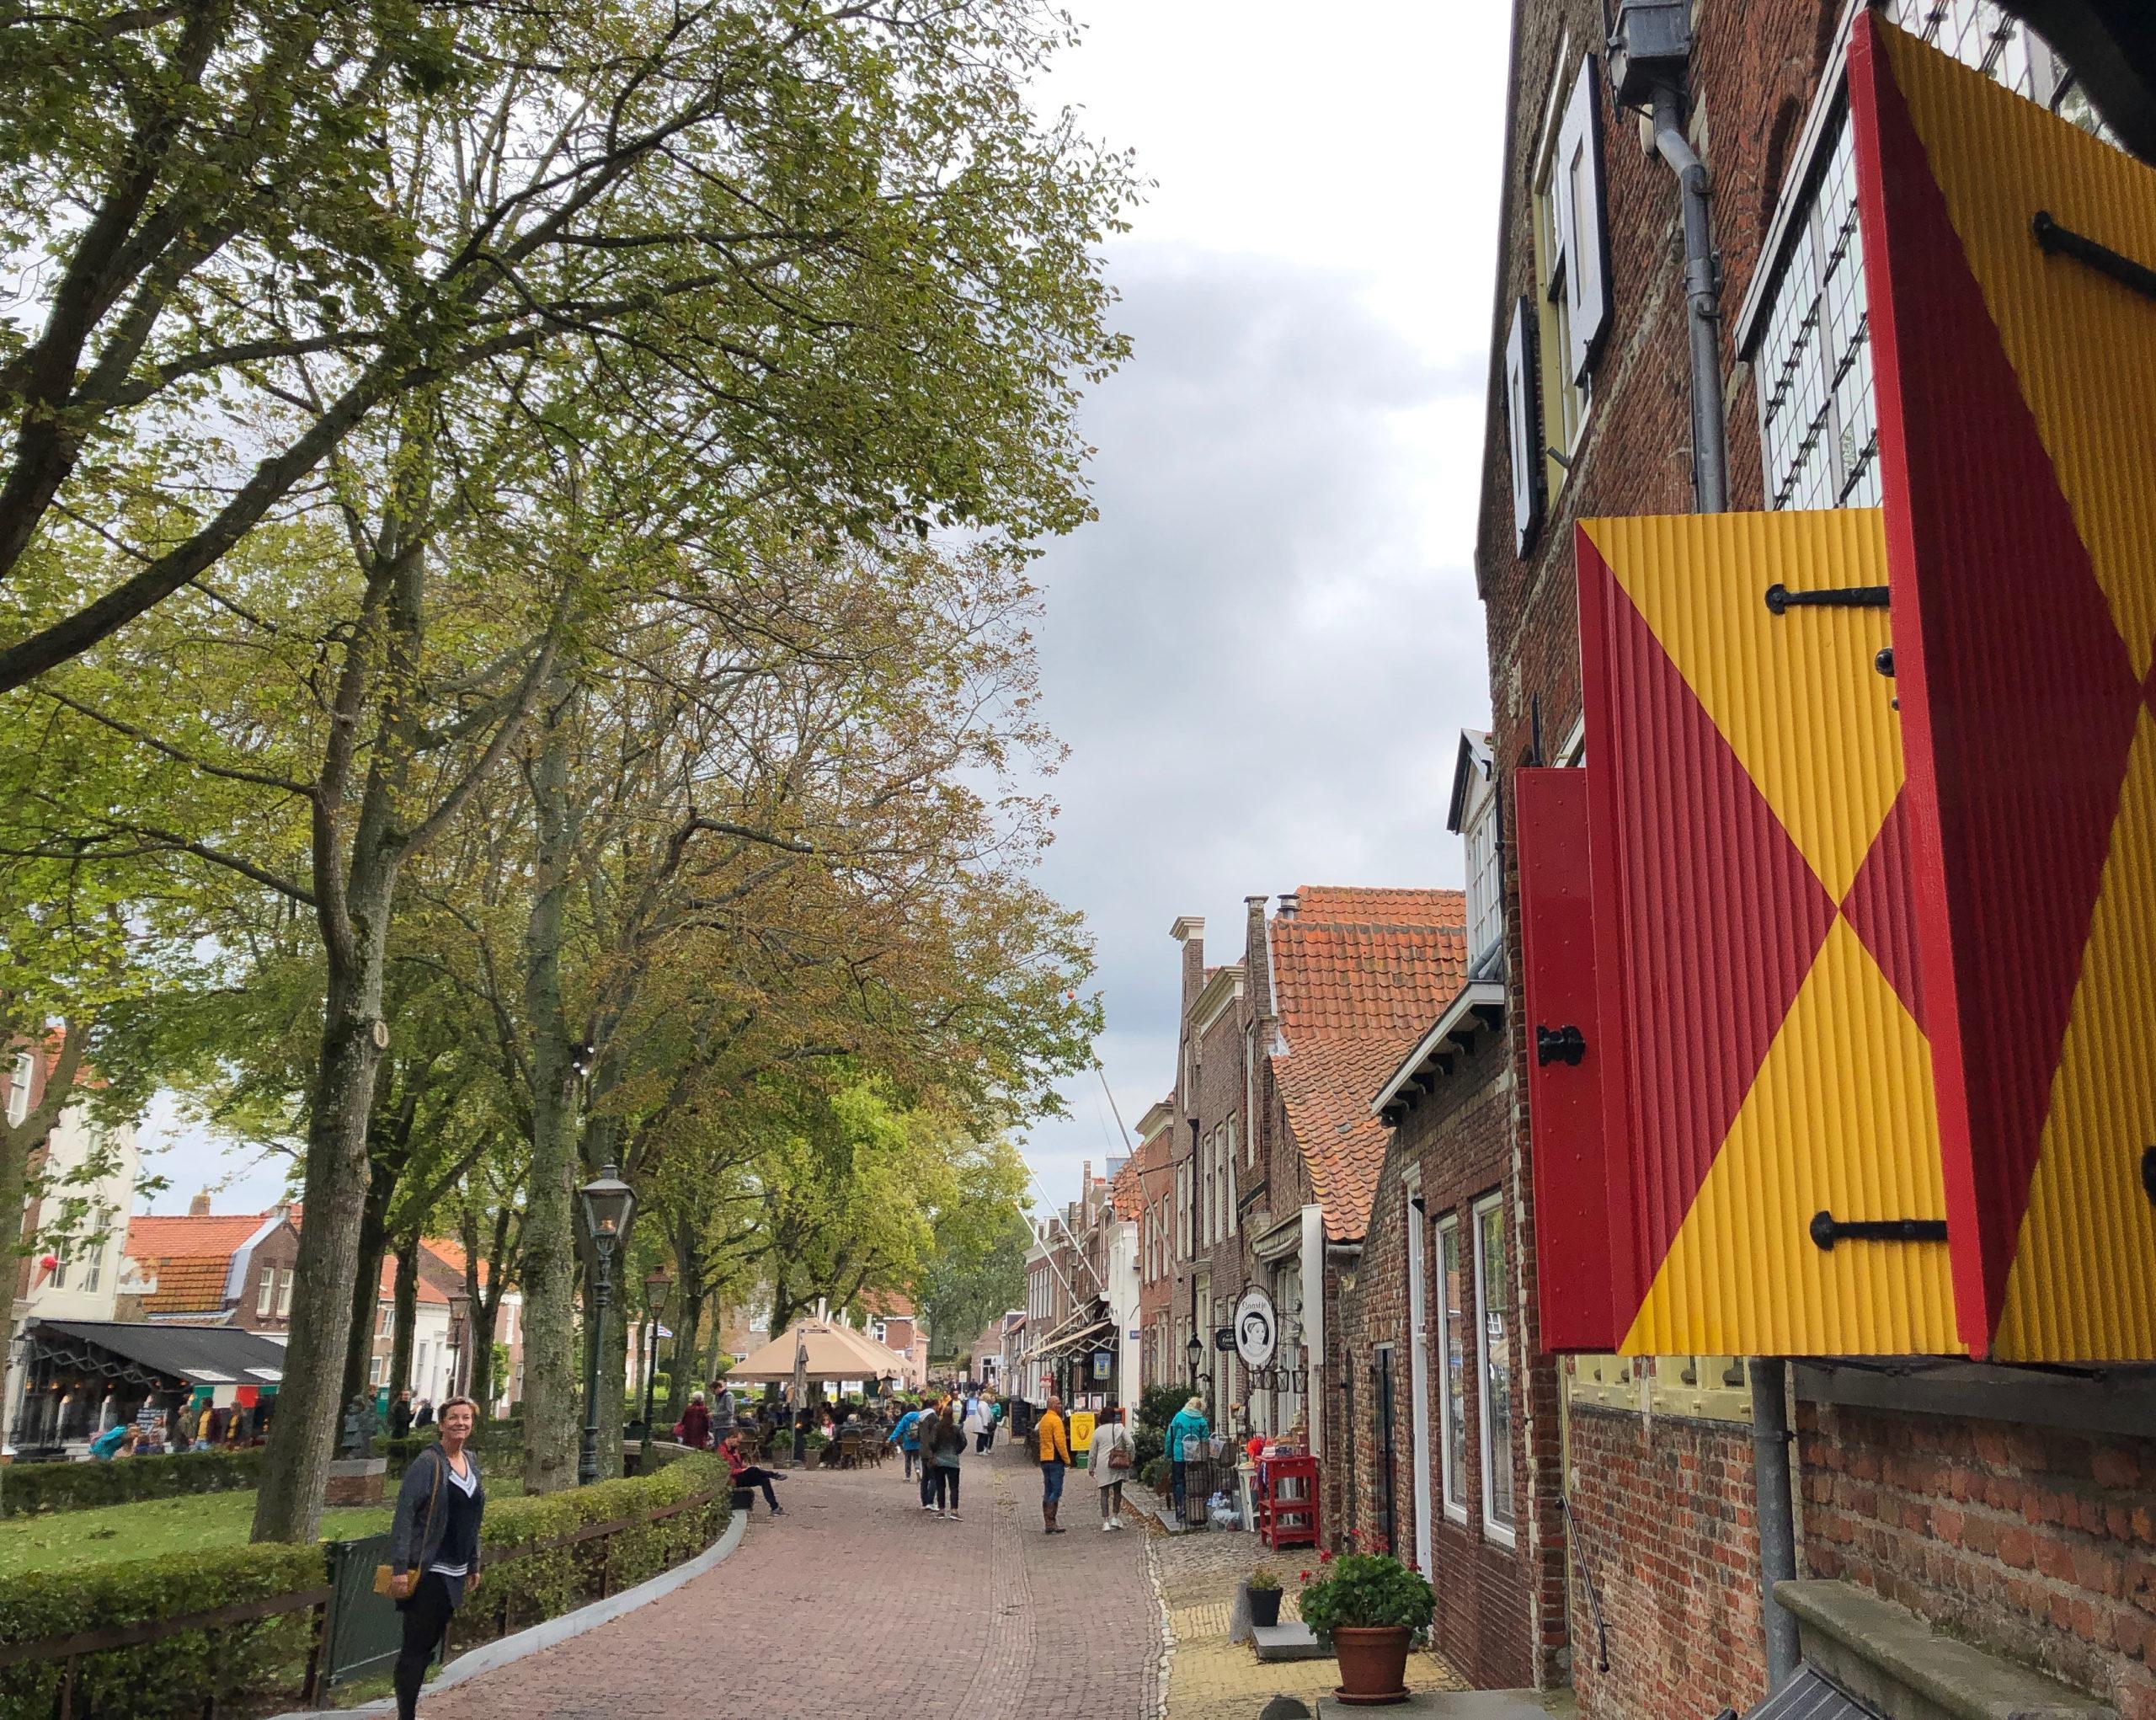 Rotgelbe Fensterläden in der Innenstadt des niederländischen Veere